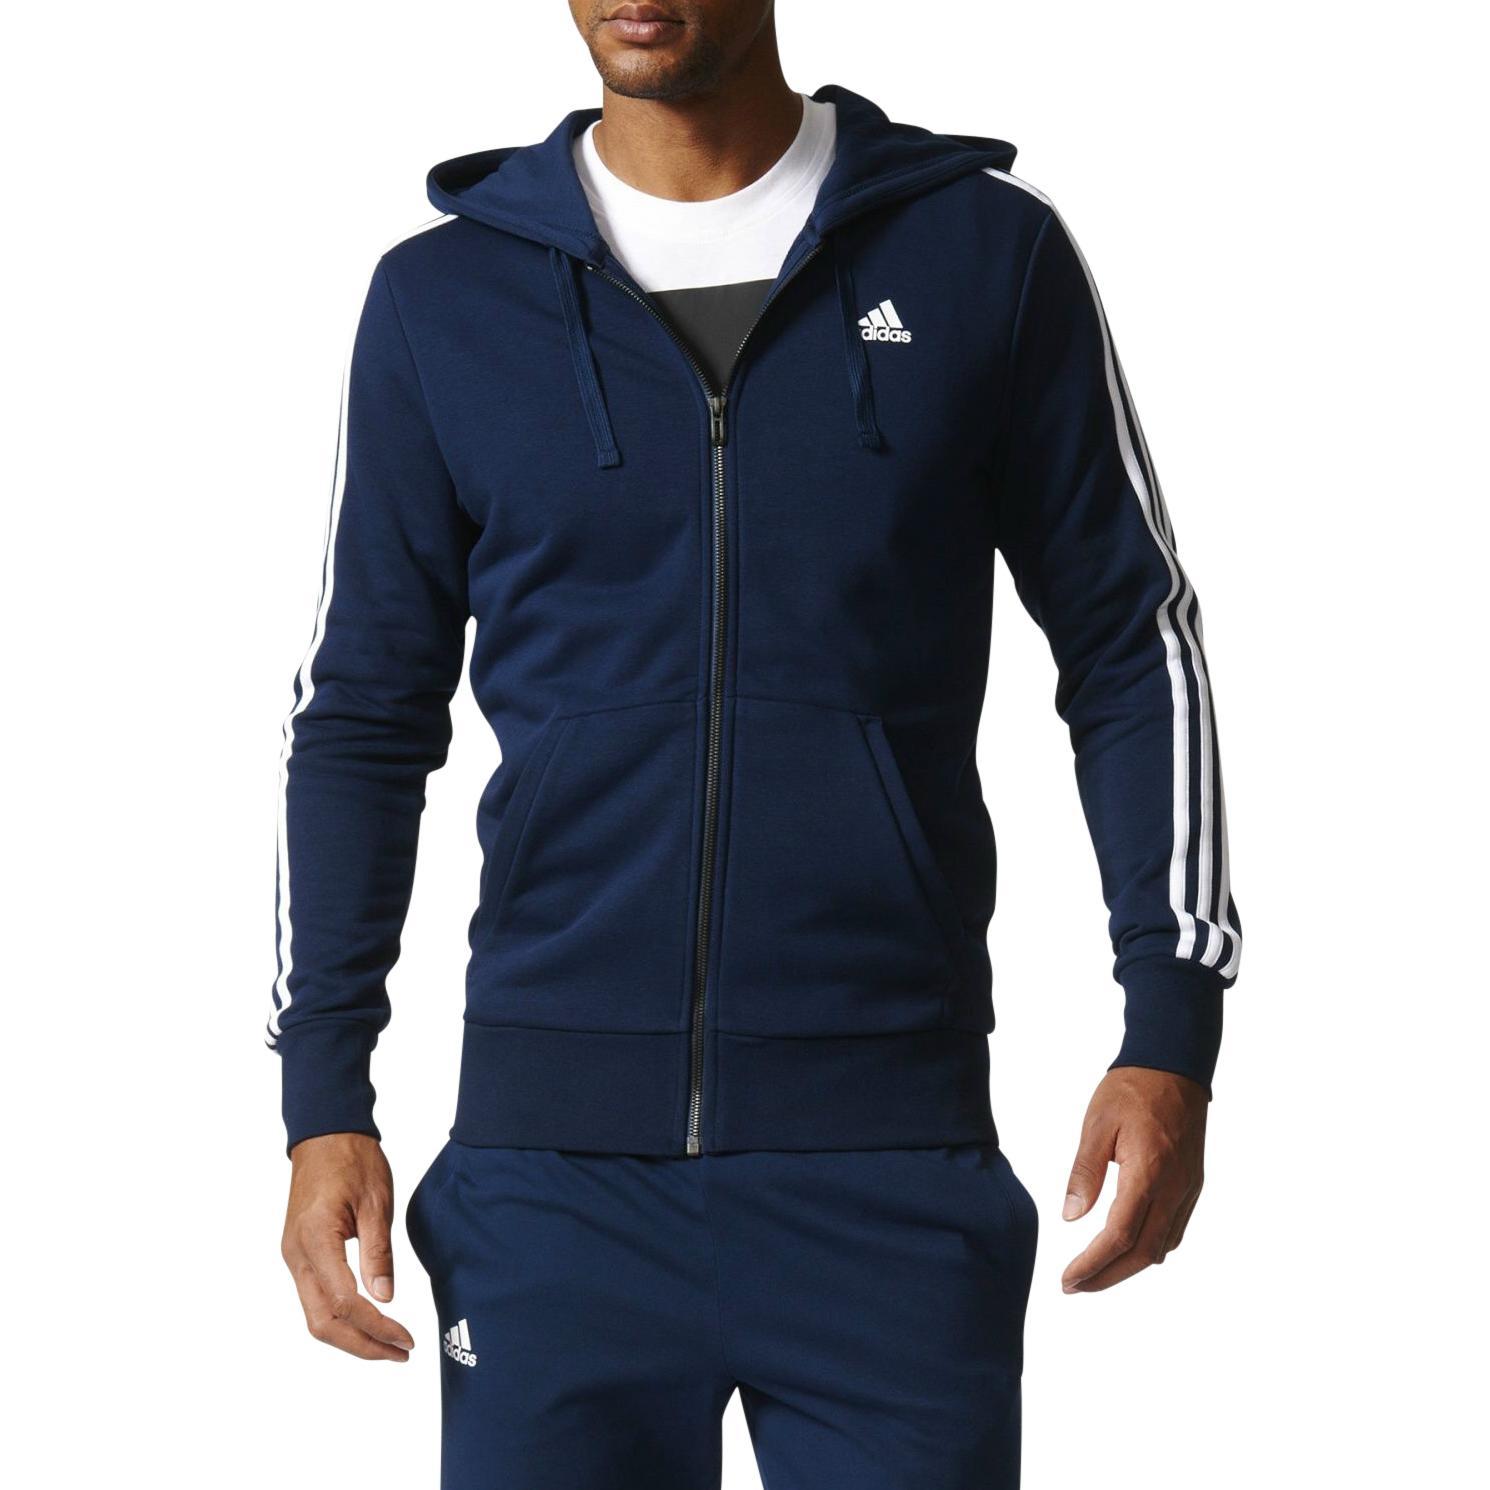 adidas essentials 3s hoodie jacke kapuzenjacke sweatjacke. Black Bedroom Furniture Sets. Home Design Ideas